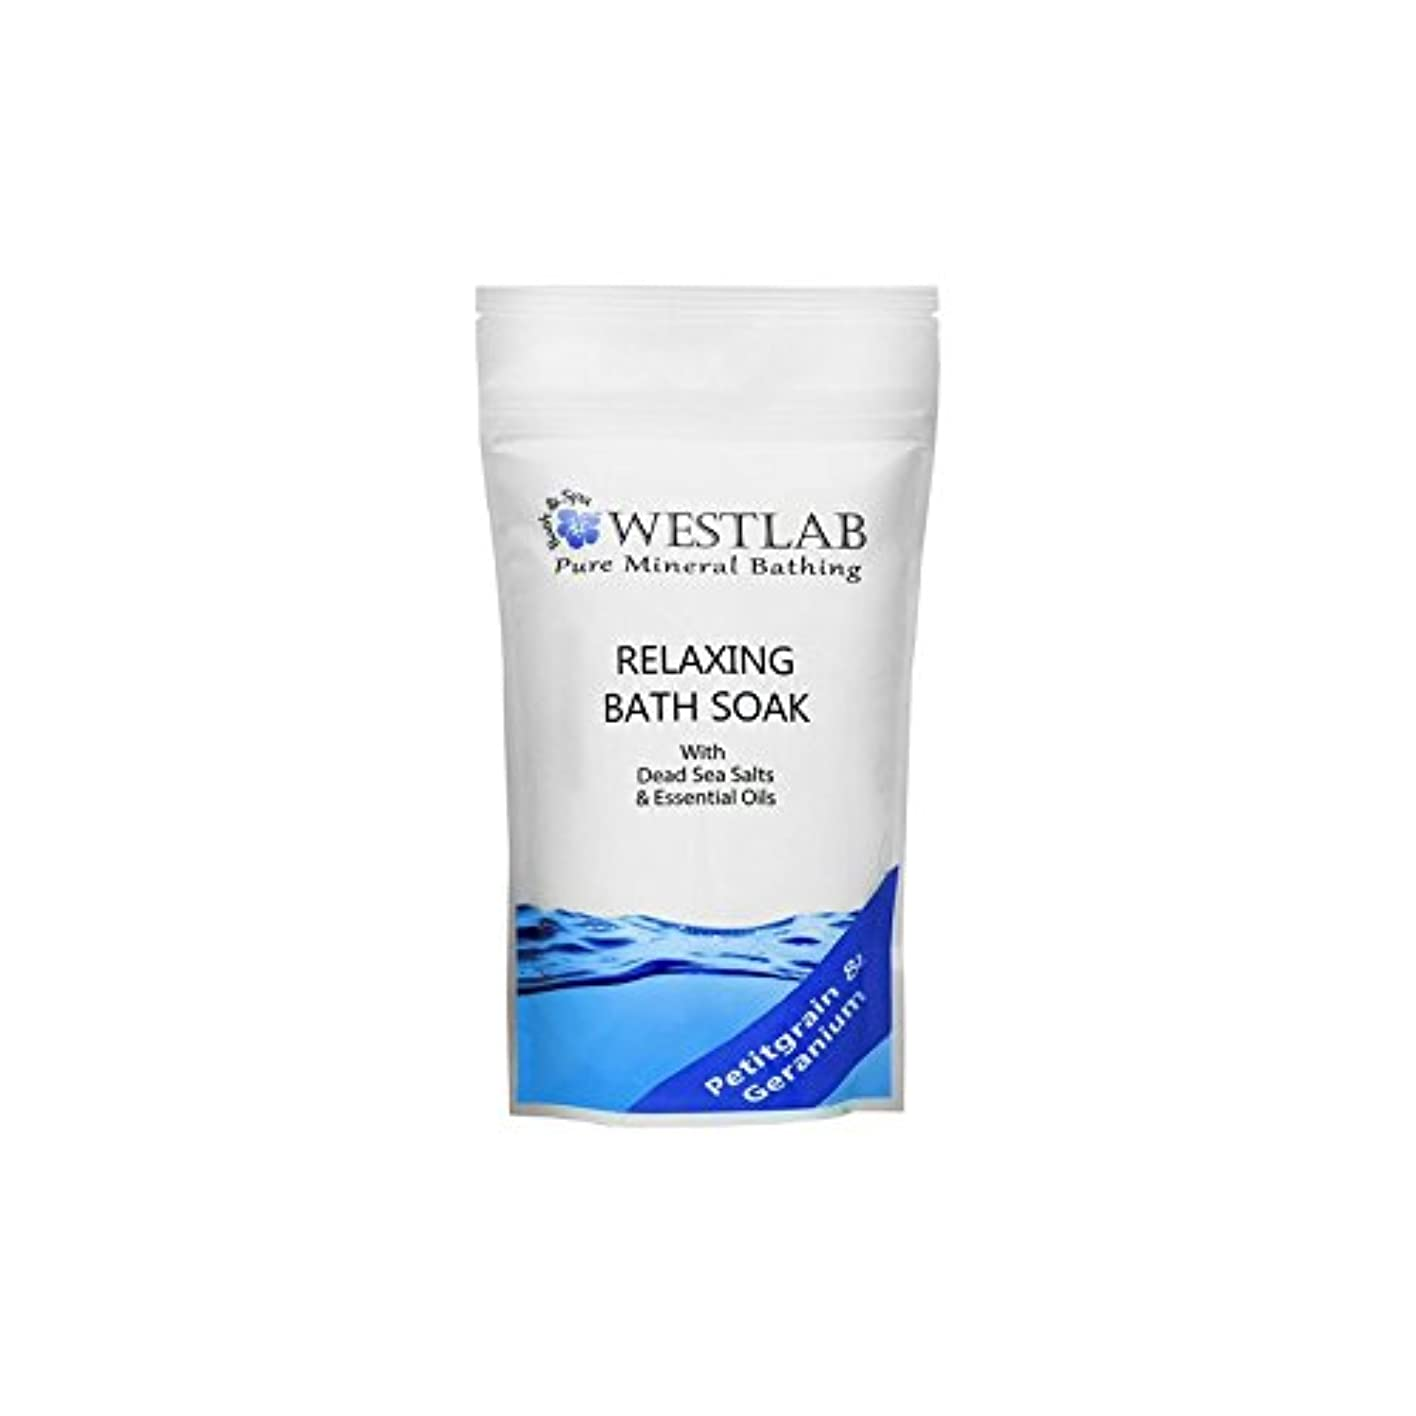 シェードドラッグ女の子Westlab Relax Dead Sea Salt Bath Soak (500g) - 死海の塩浴浸漬(500グラム)をリラックス [並行輸入品]